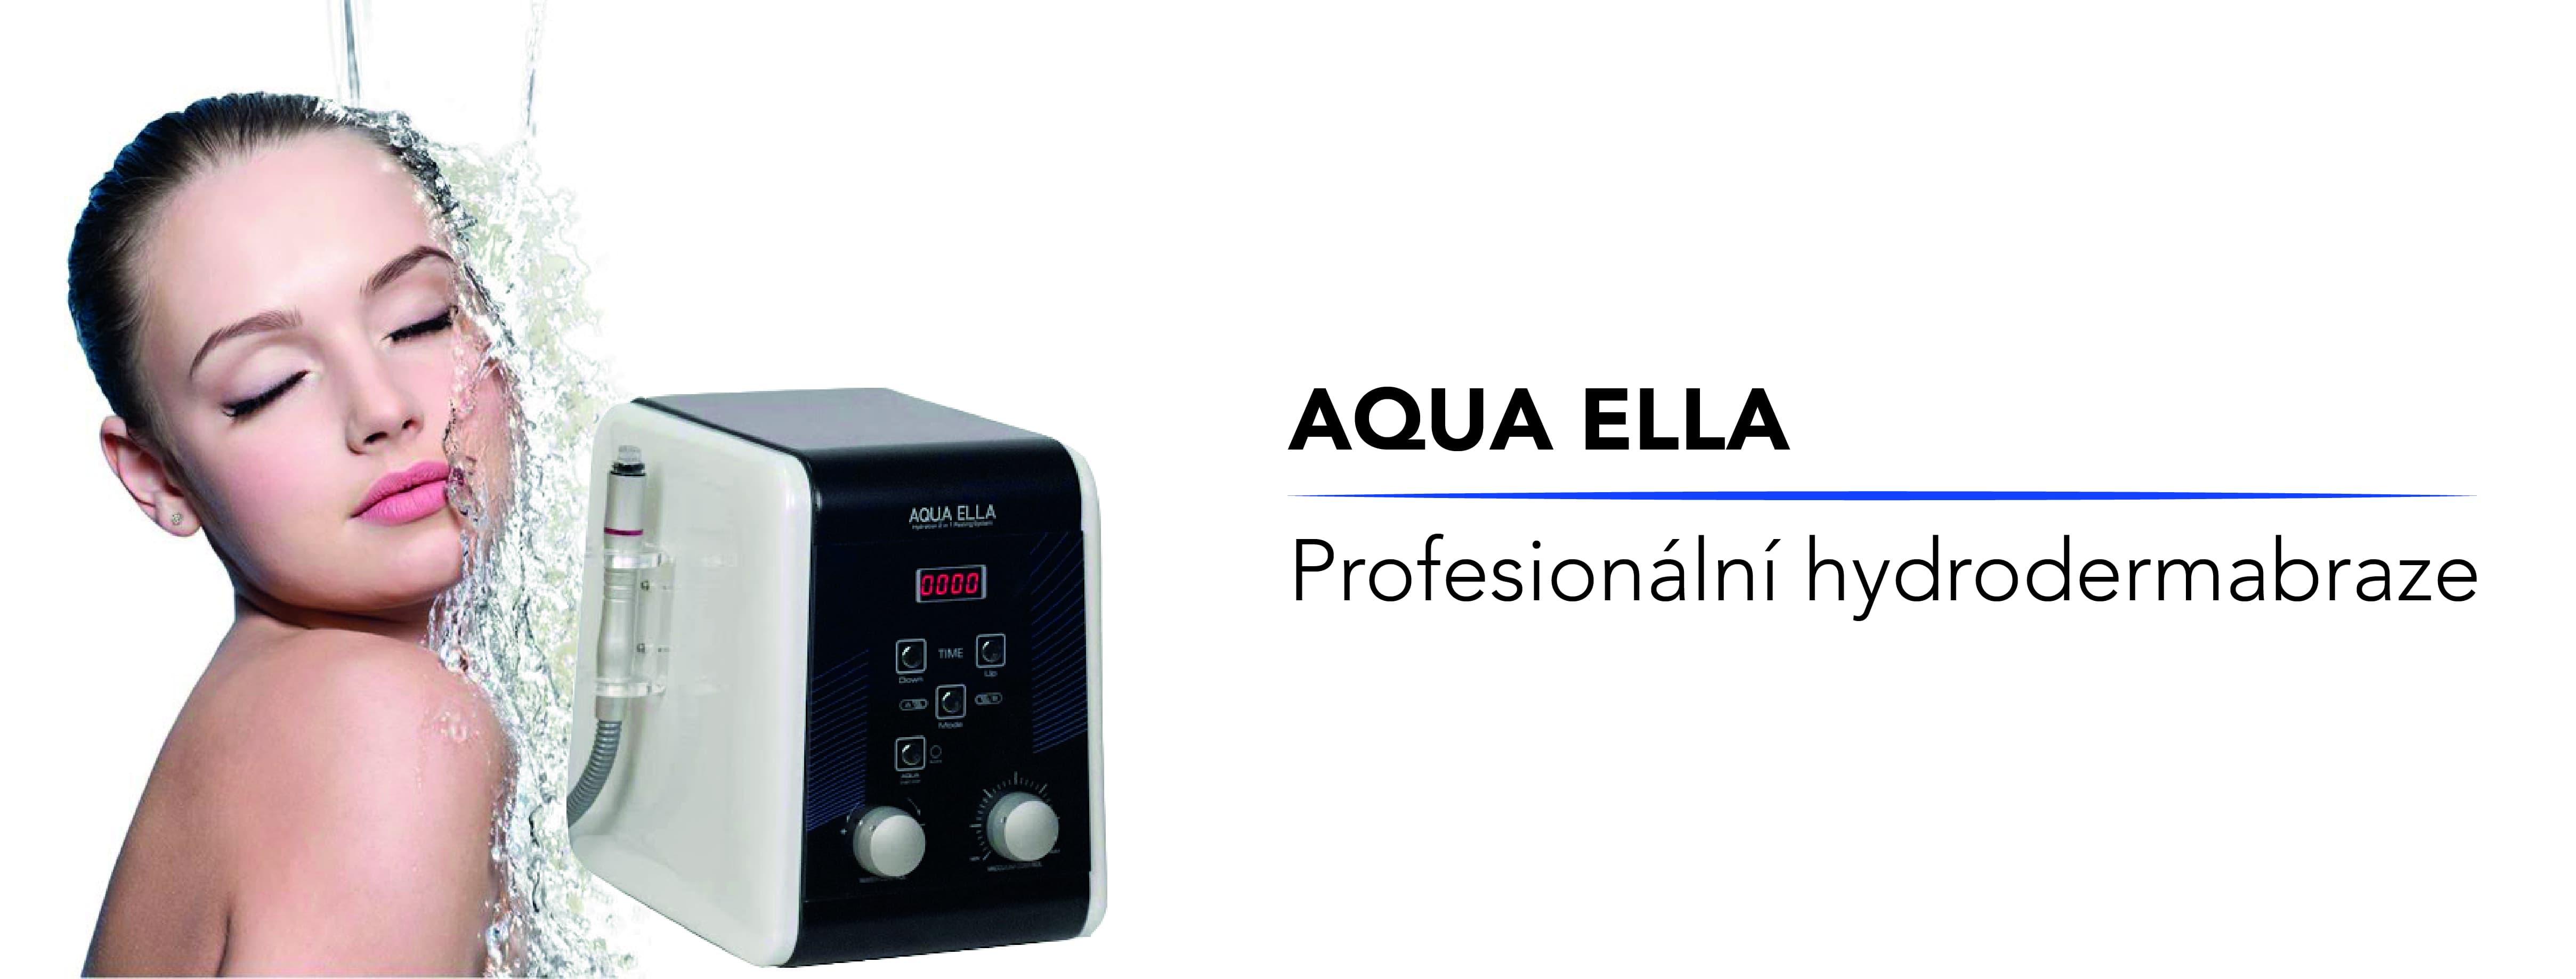 AQUA ELLA - profesionální hydrodermabraze